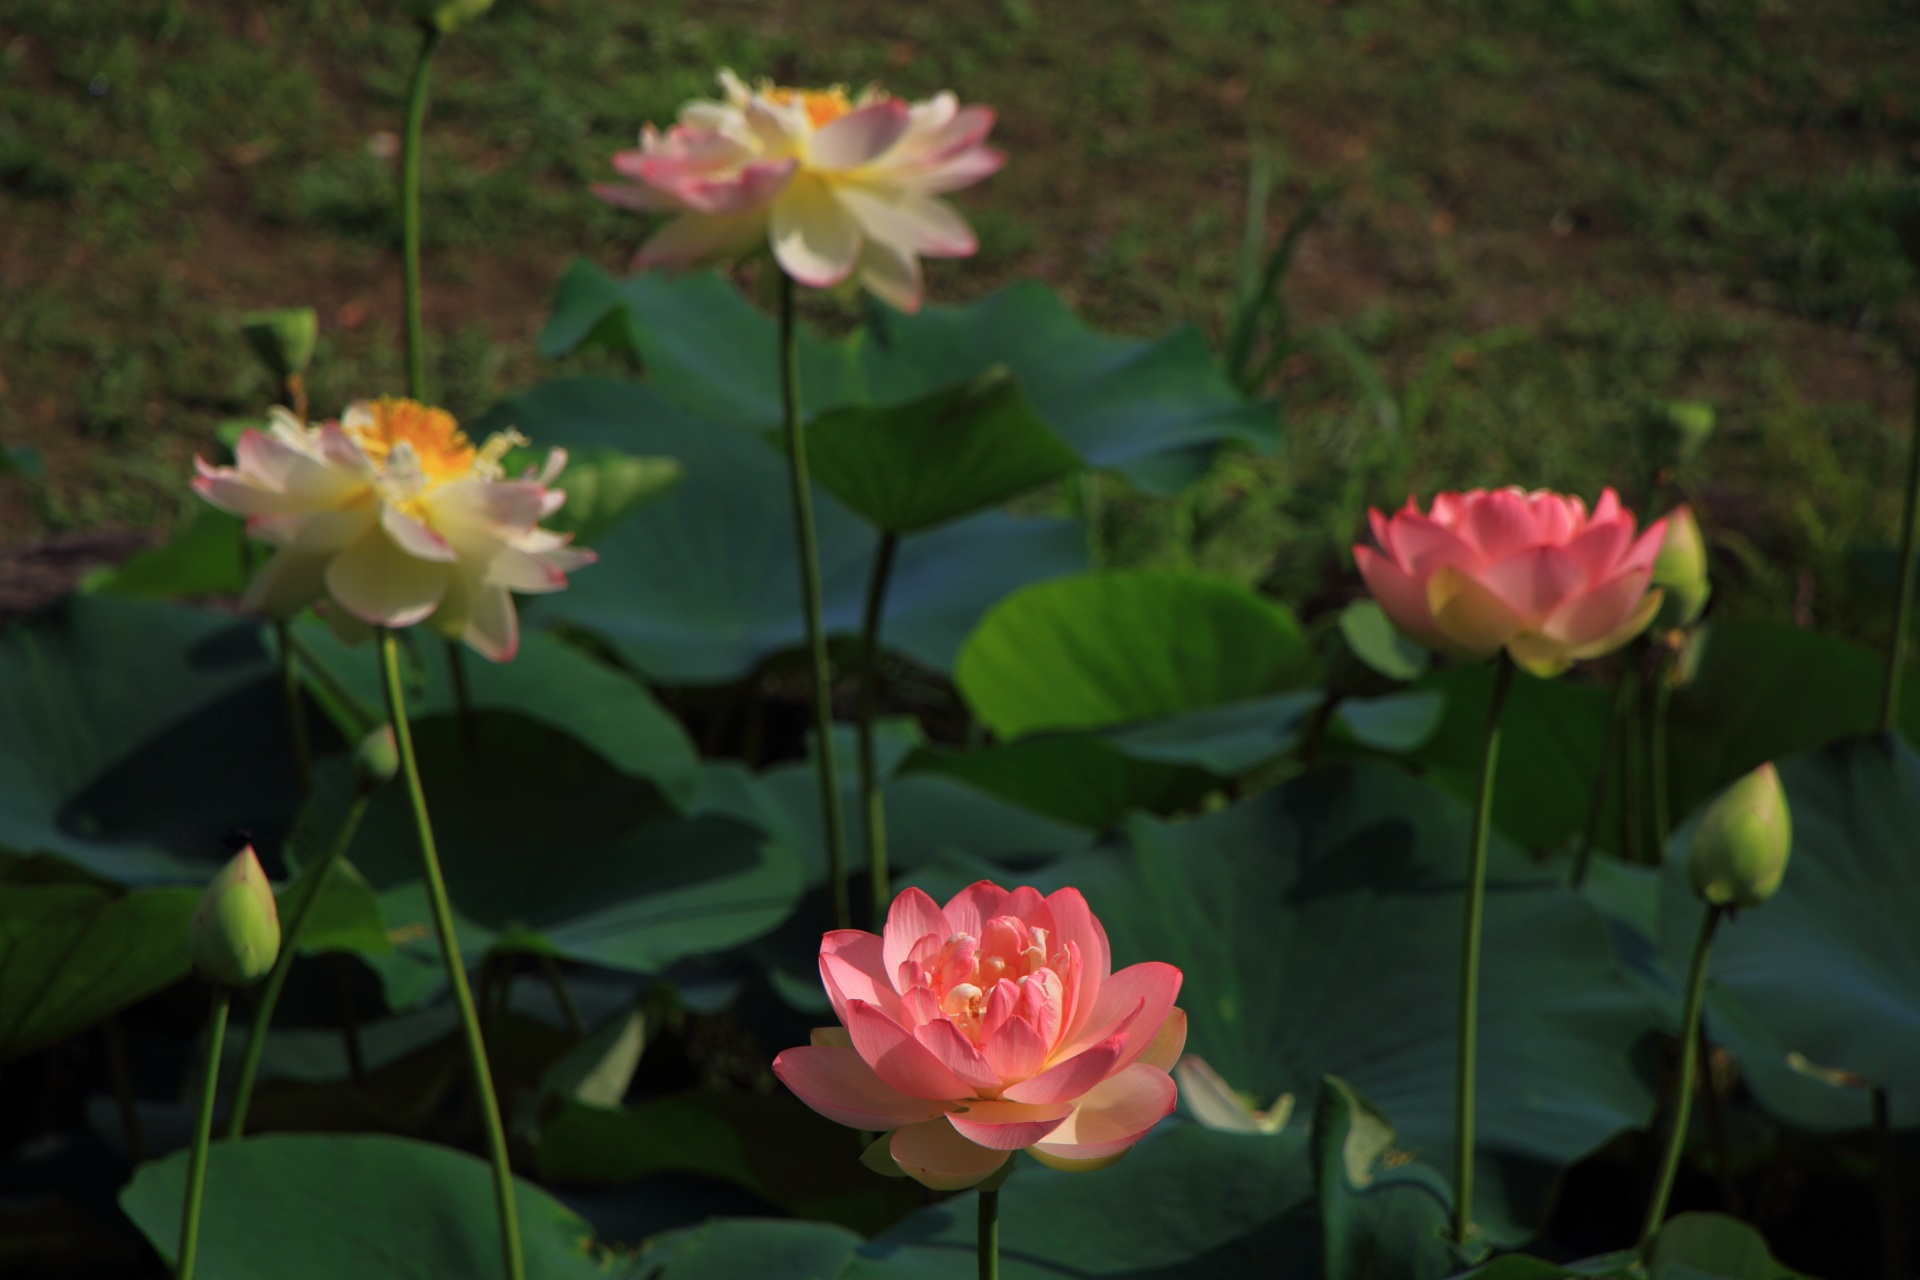 智積院の明るく可愛いピンクの蓮の花